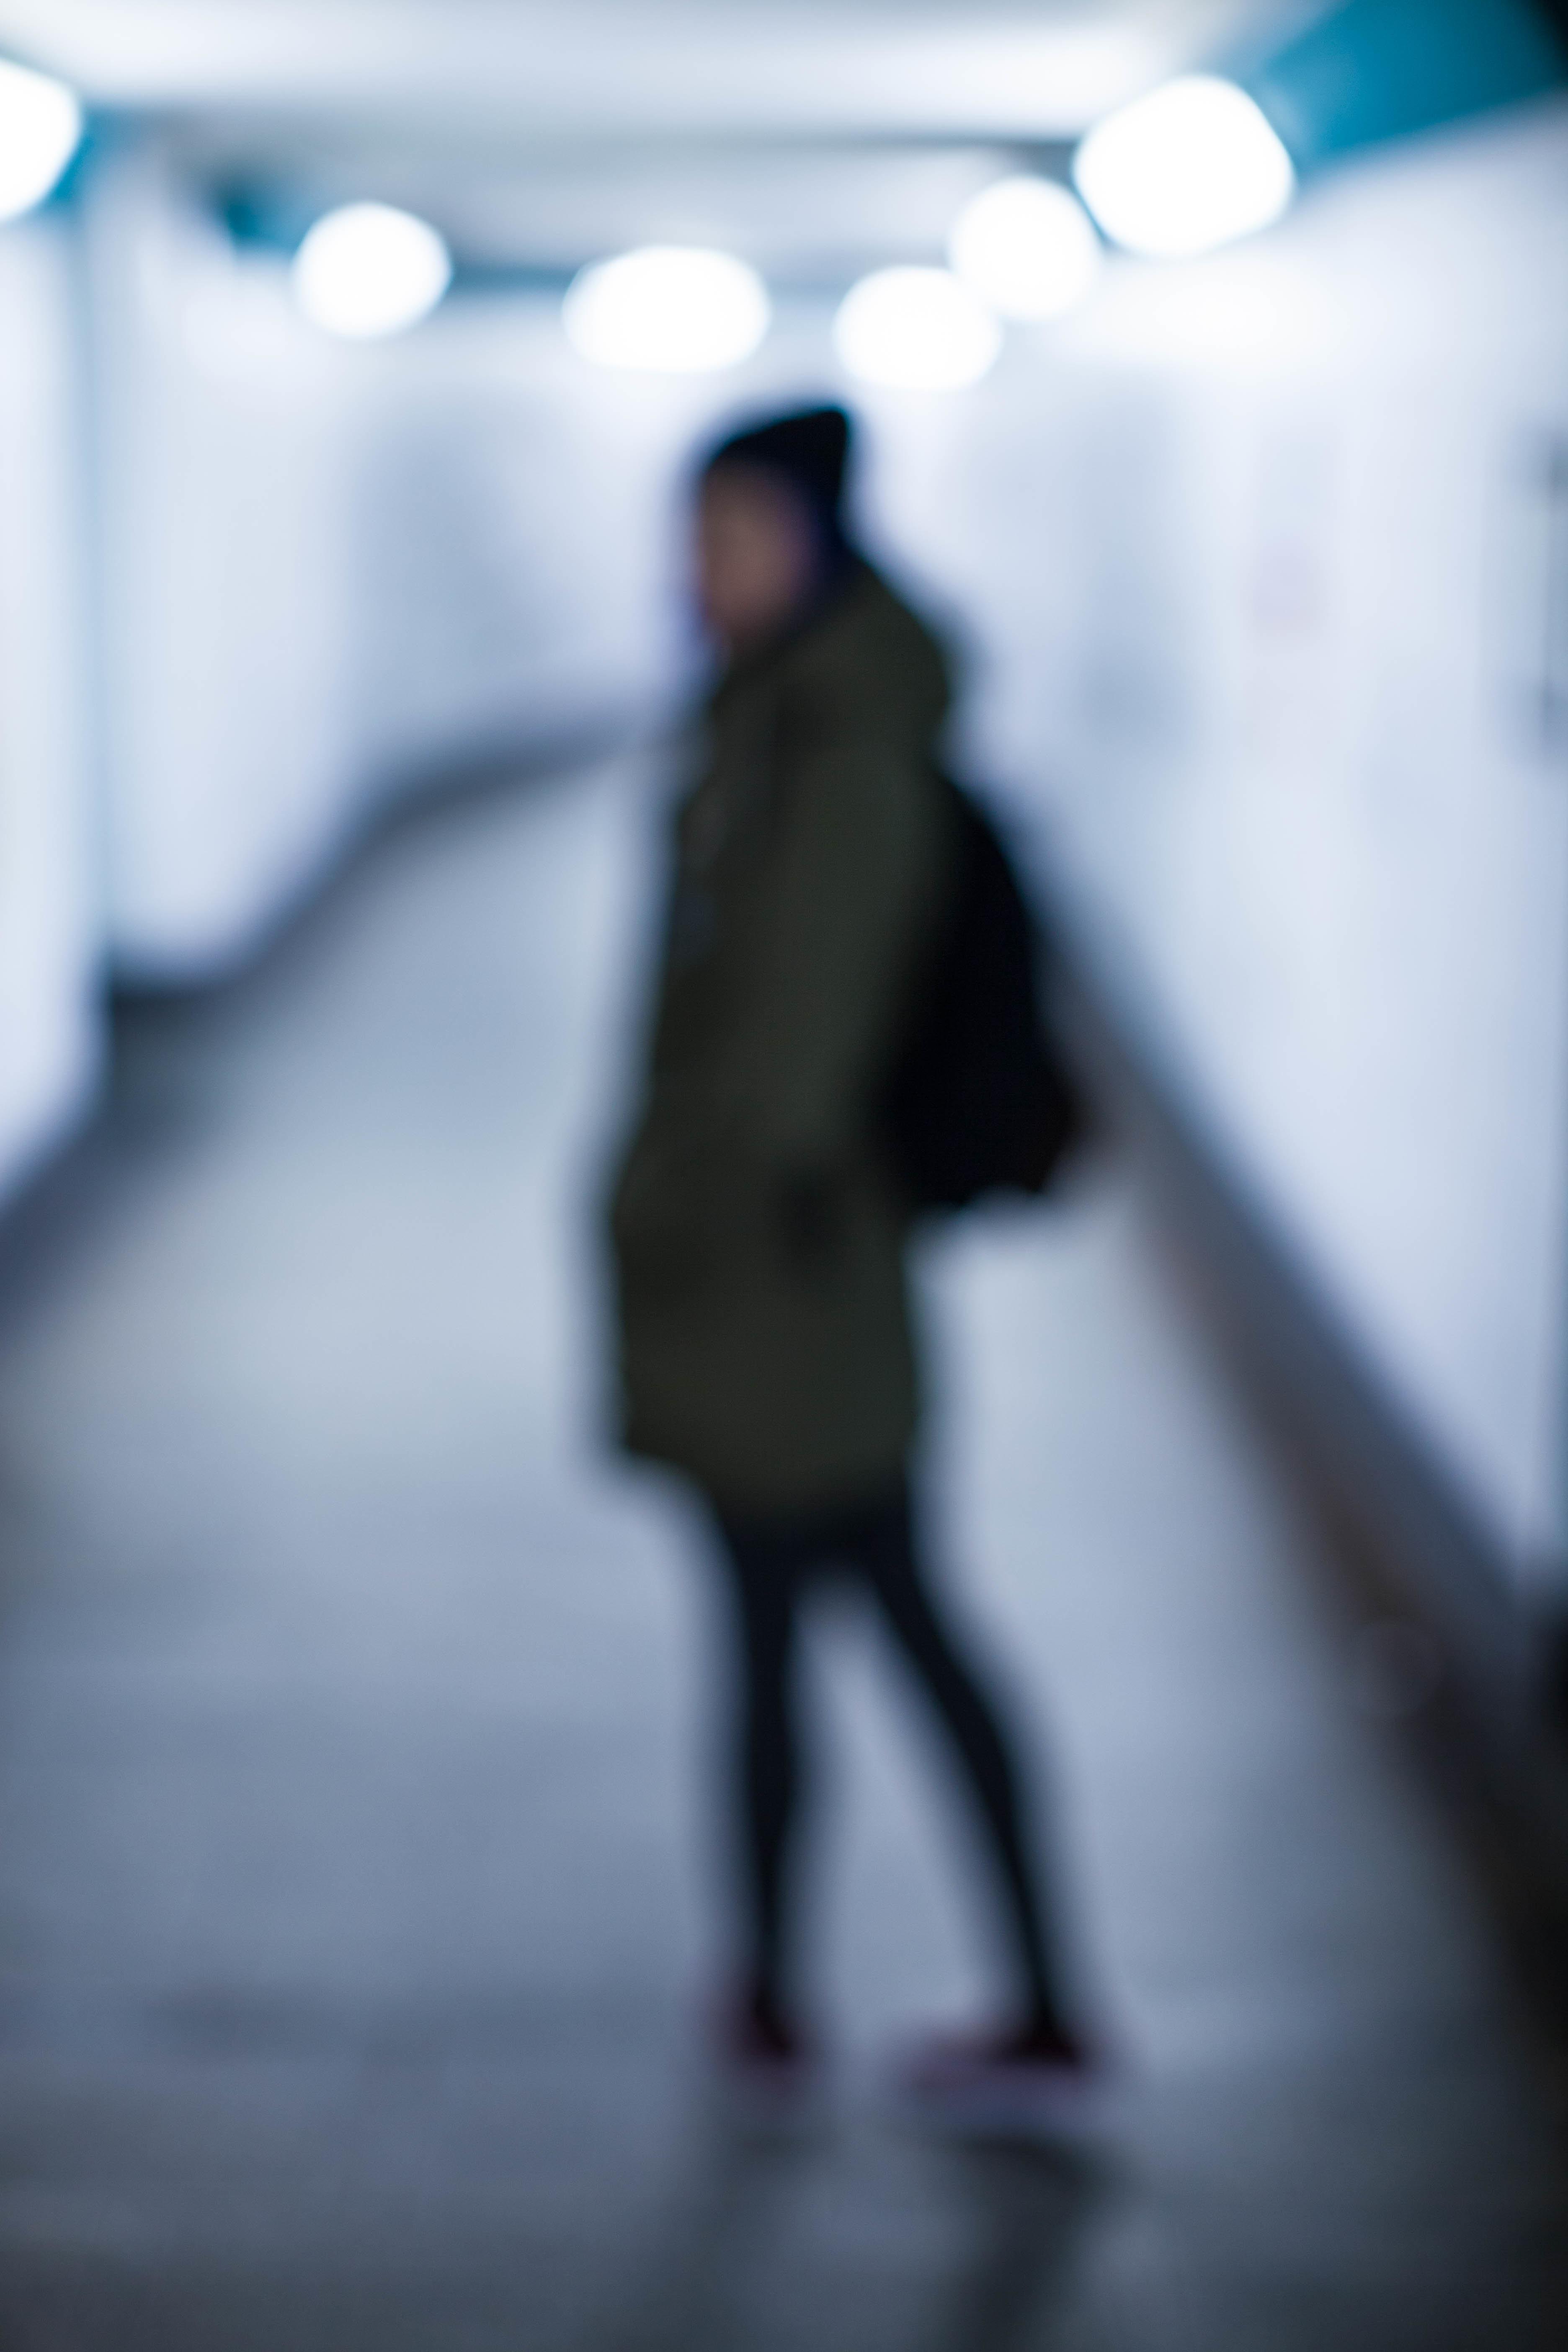 Βιασμός το σεξ χωρίς συναίνεση. Ο νέος νόμος του κράτους της